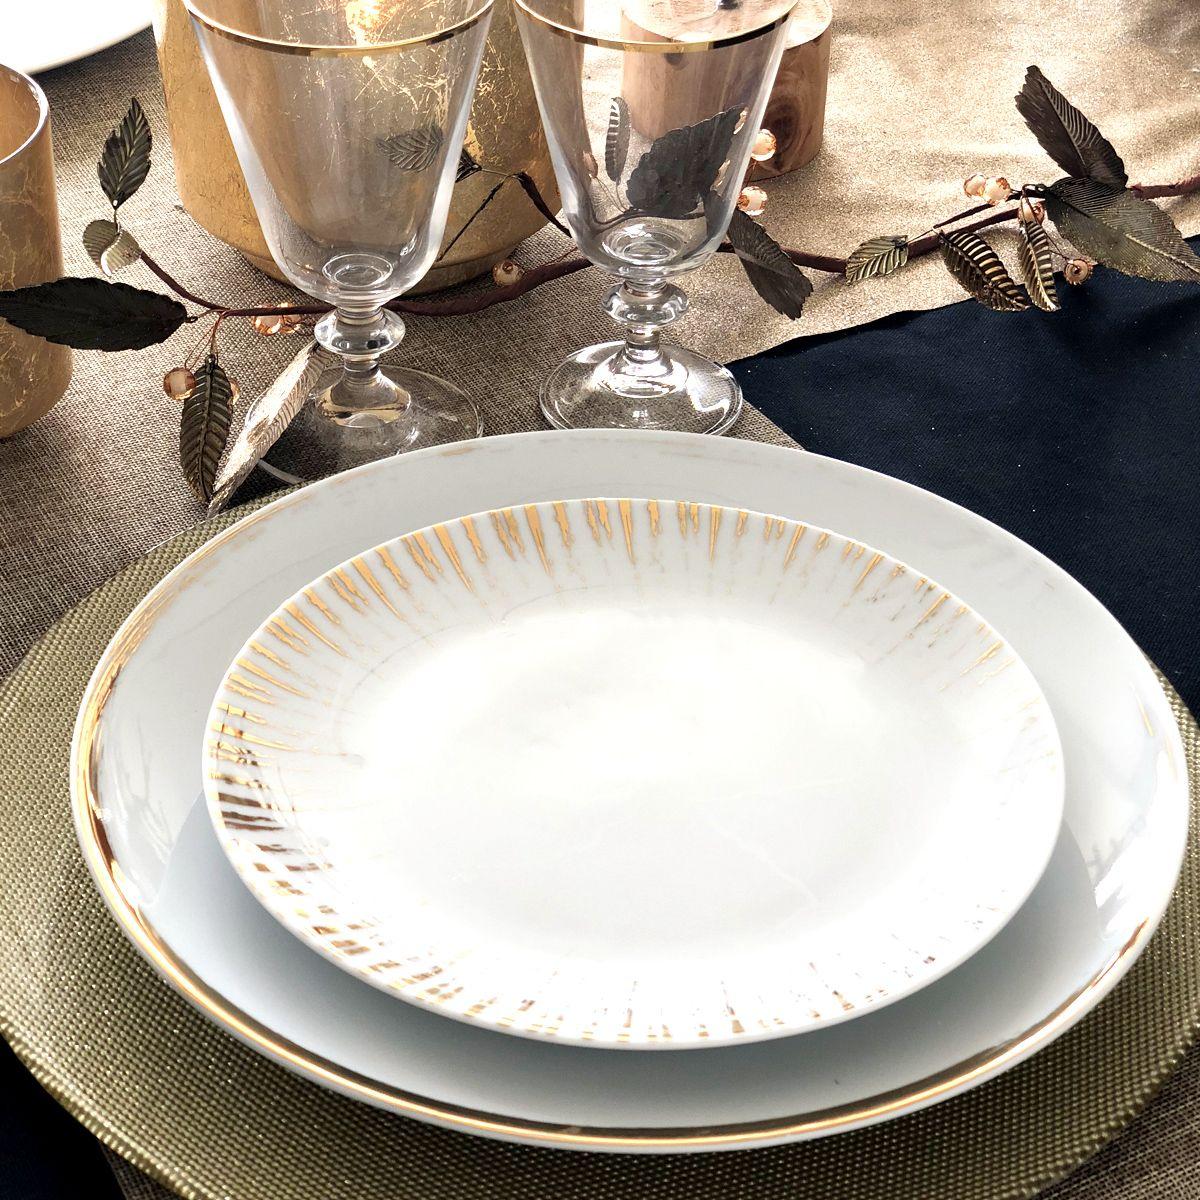 couvert porcelaine blanche set de table rond doré